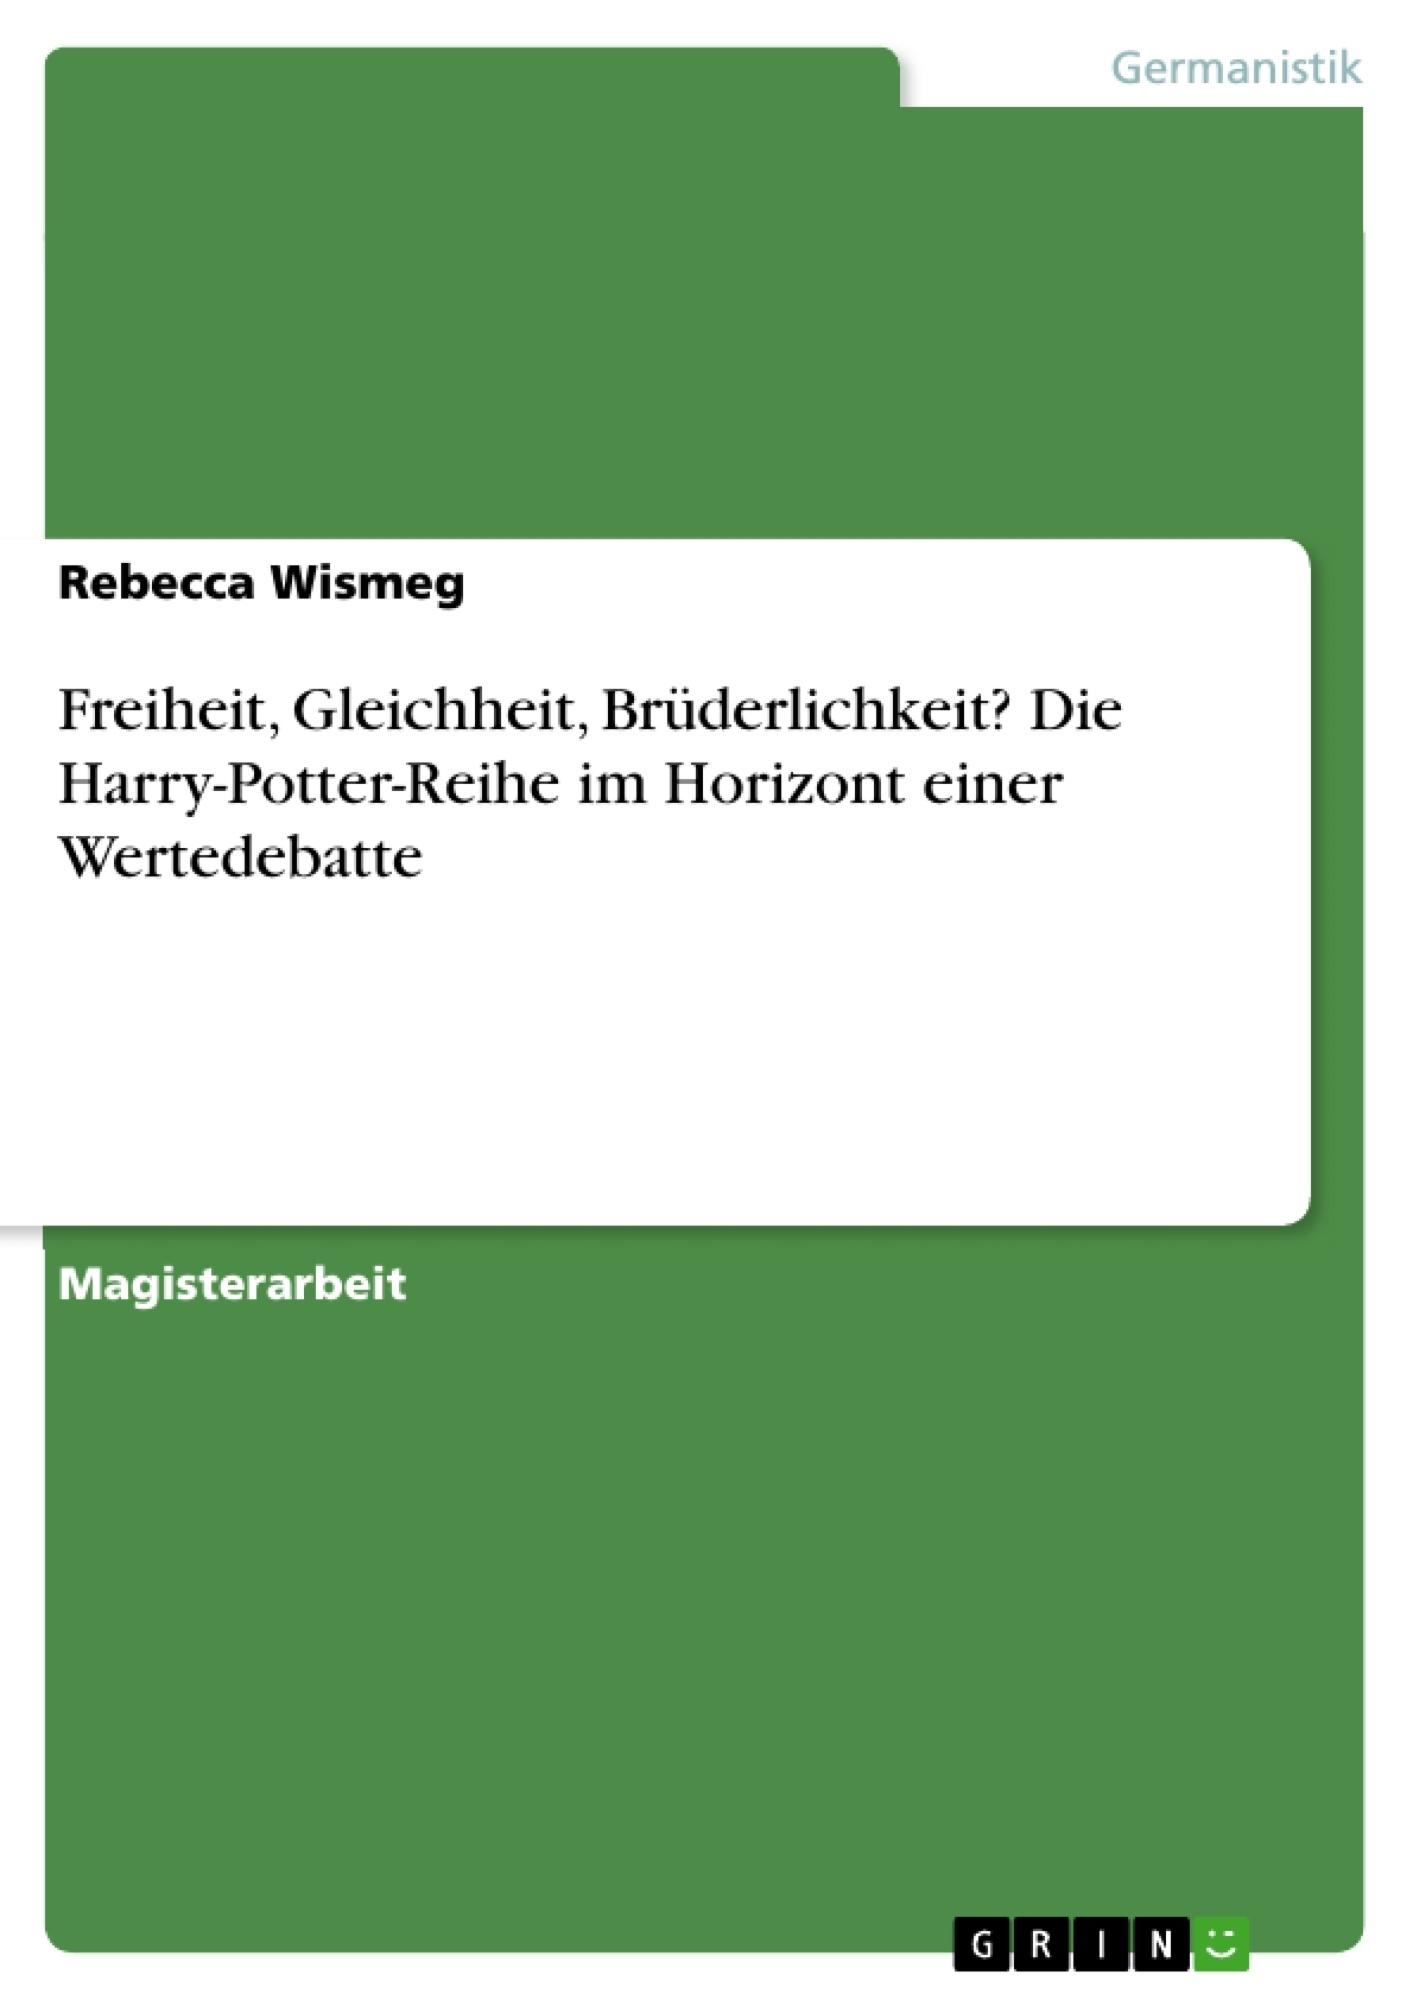 Titel: Freiheit, Gleichheit, Brüderlichkeit? Die Harry-Potter-Reihe im Horizont einer Wertedebatte